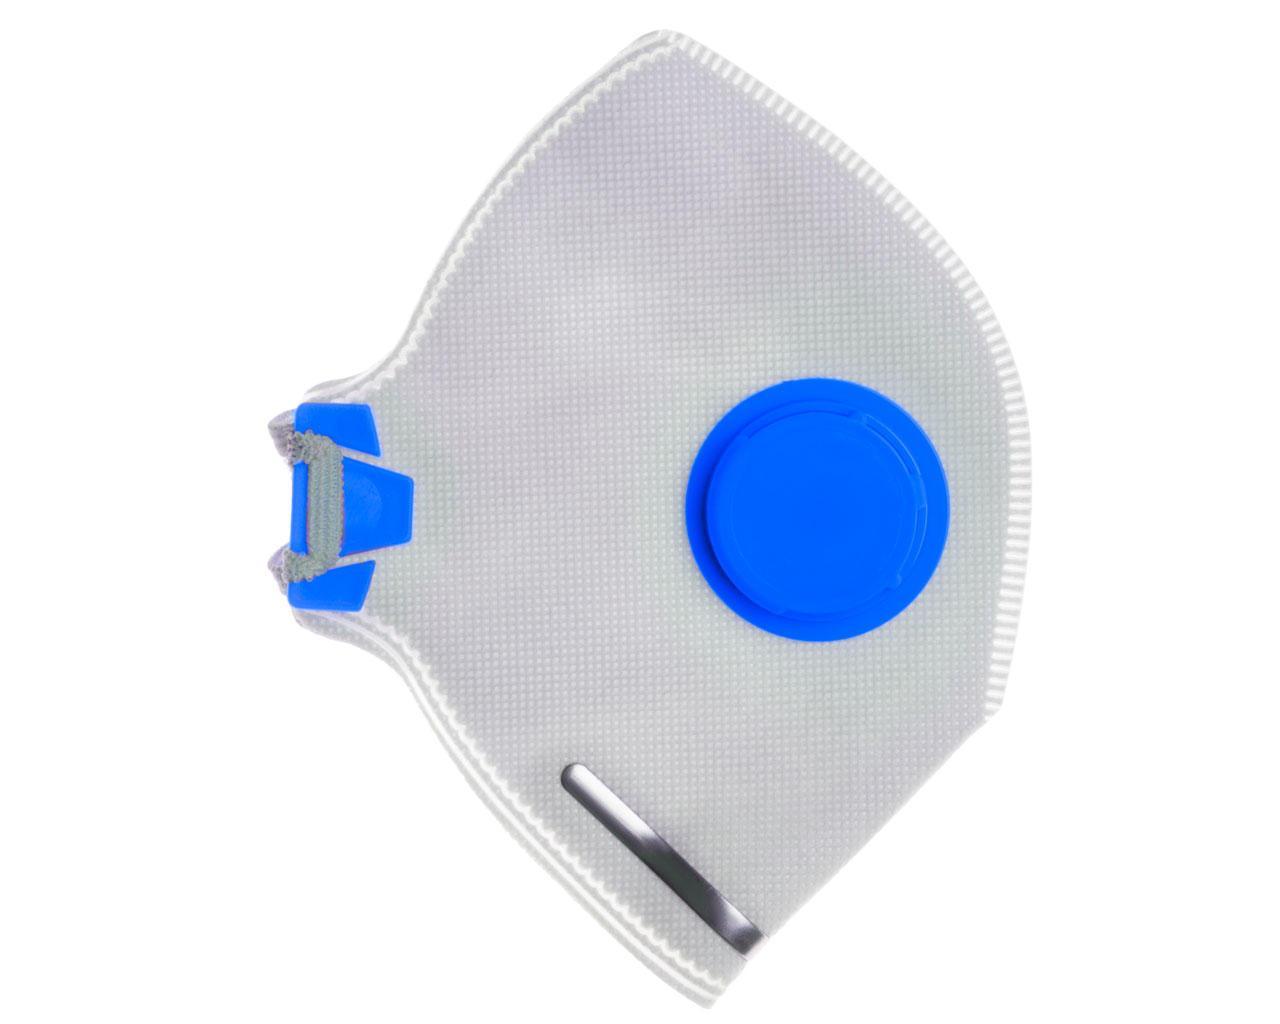 Респіратор Спектр-1К з клапаном синій FFP1D аналог Росток)   Респиратор Спектр-1К с клап синий FFP1D